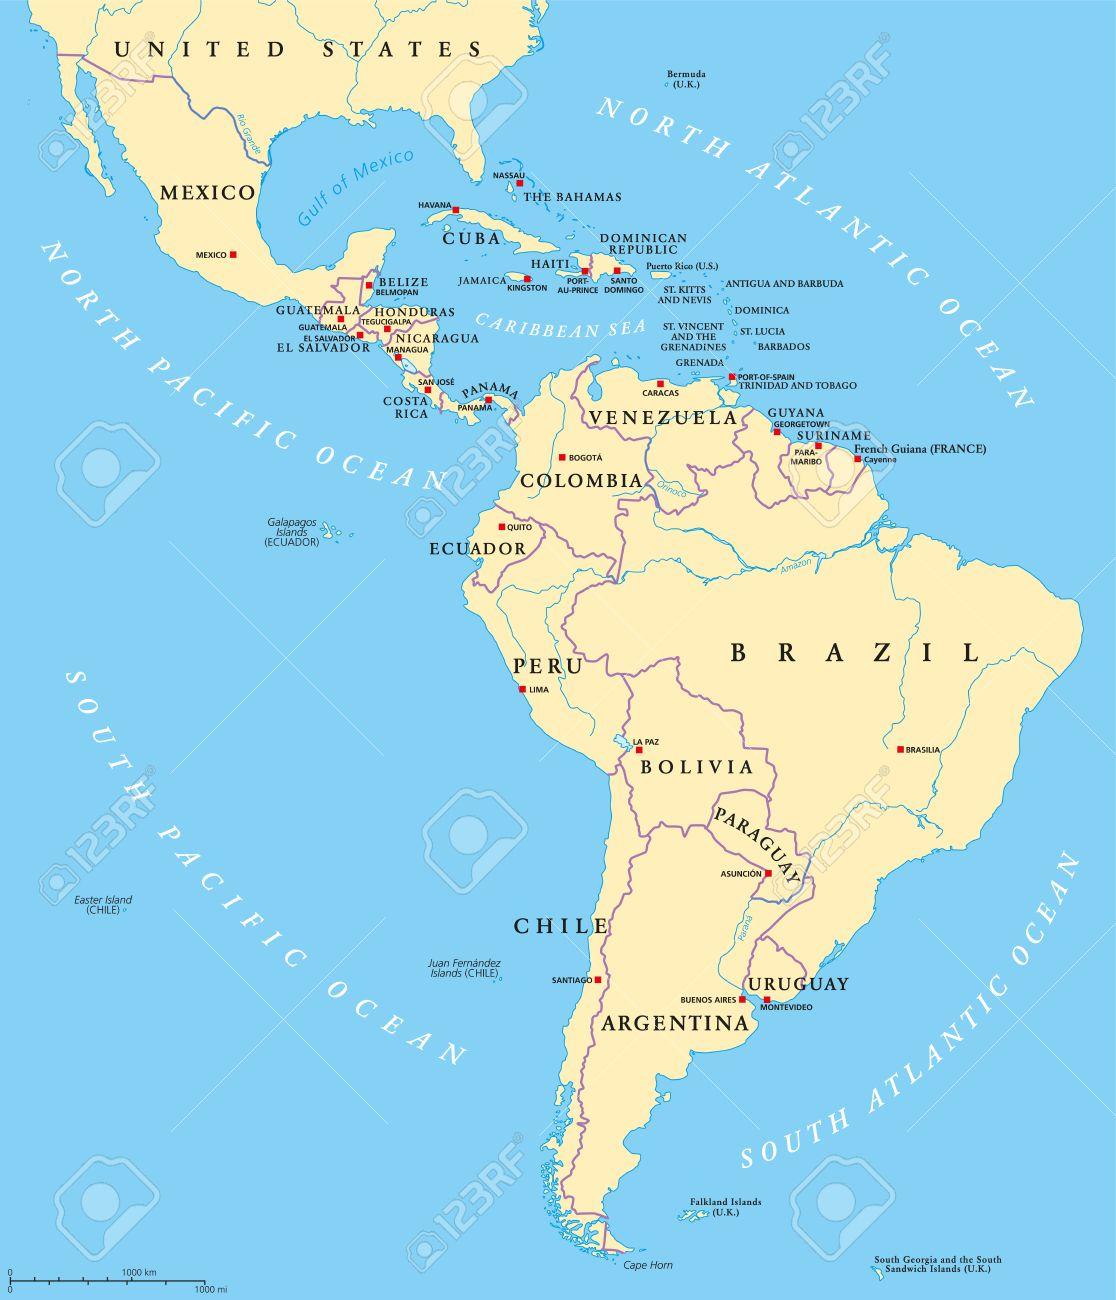 Carte Amerique Du Sud Avec Capitale.Amerique Latine Carte Politique Avec Les Capitales Les Frontieres Nationales Les Rivieres Et Les Lacs Les Pays De La Frontiere Nord Du Mexique A La